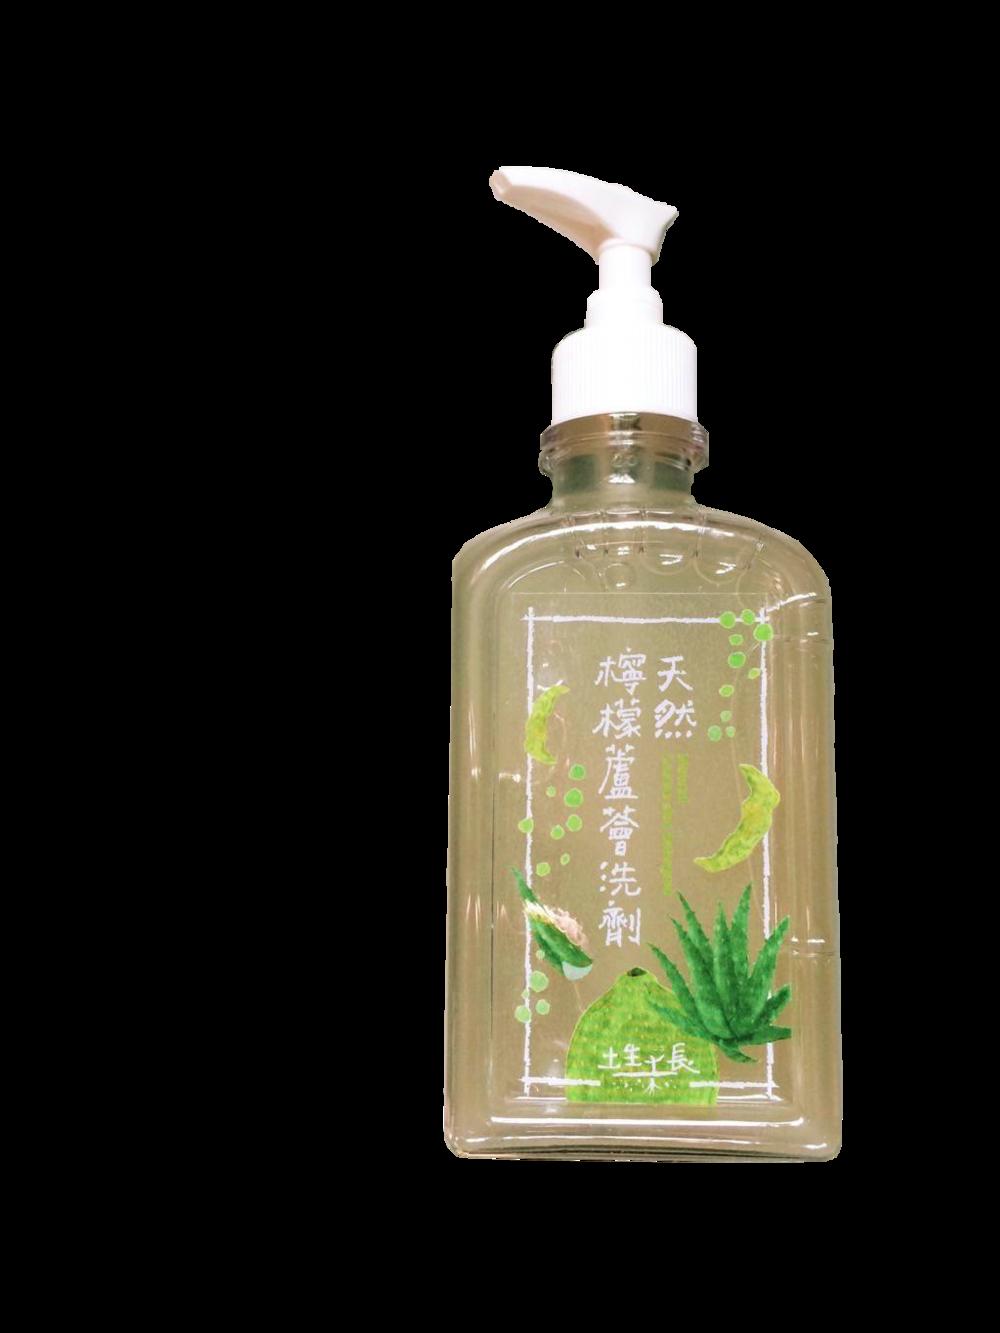 天然蘆薈檸檬洗潔劑 $250